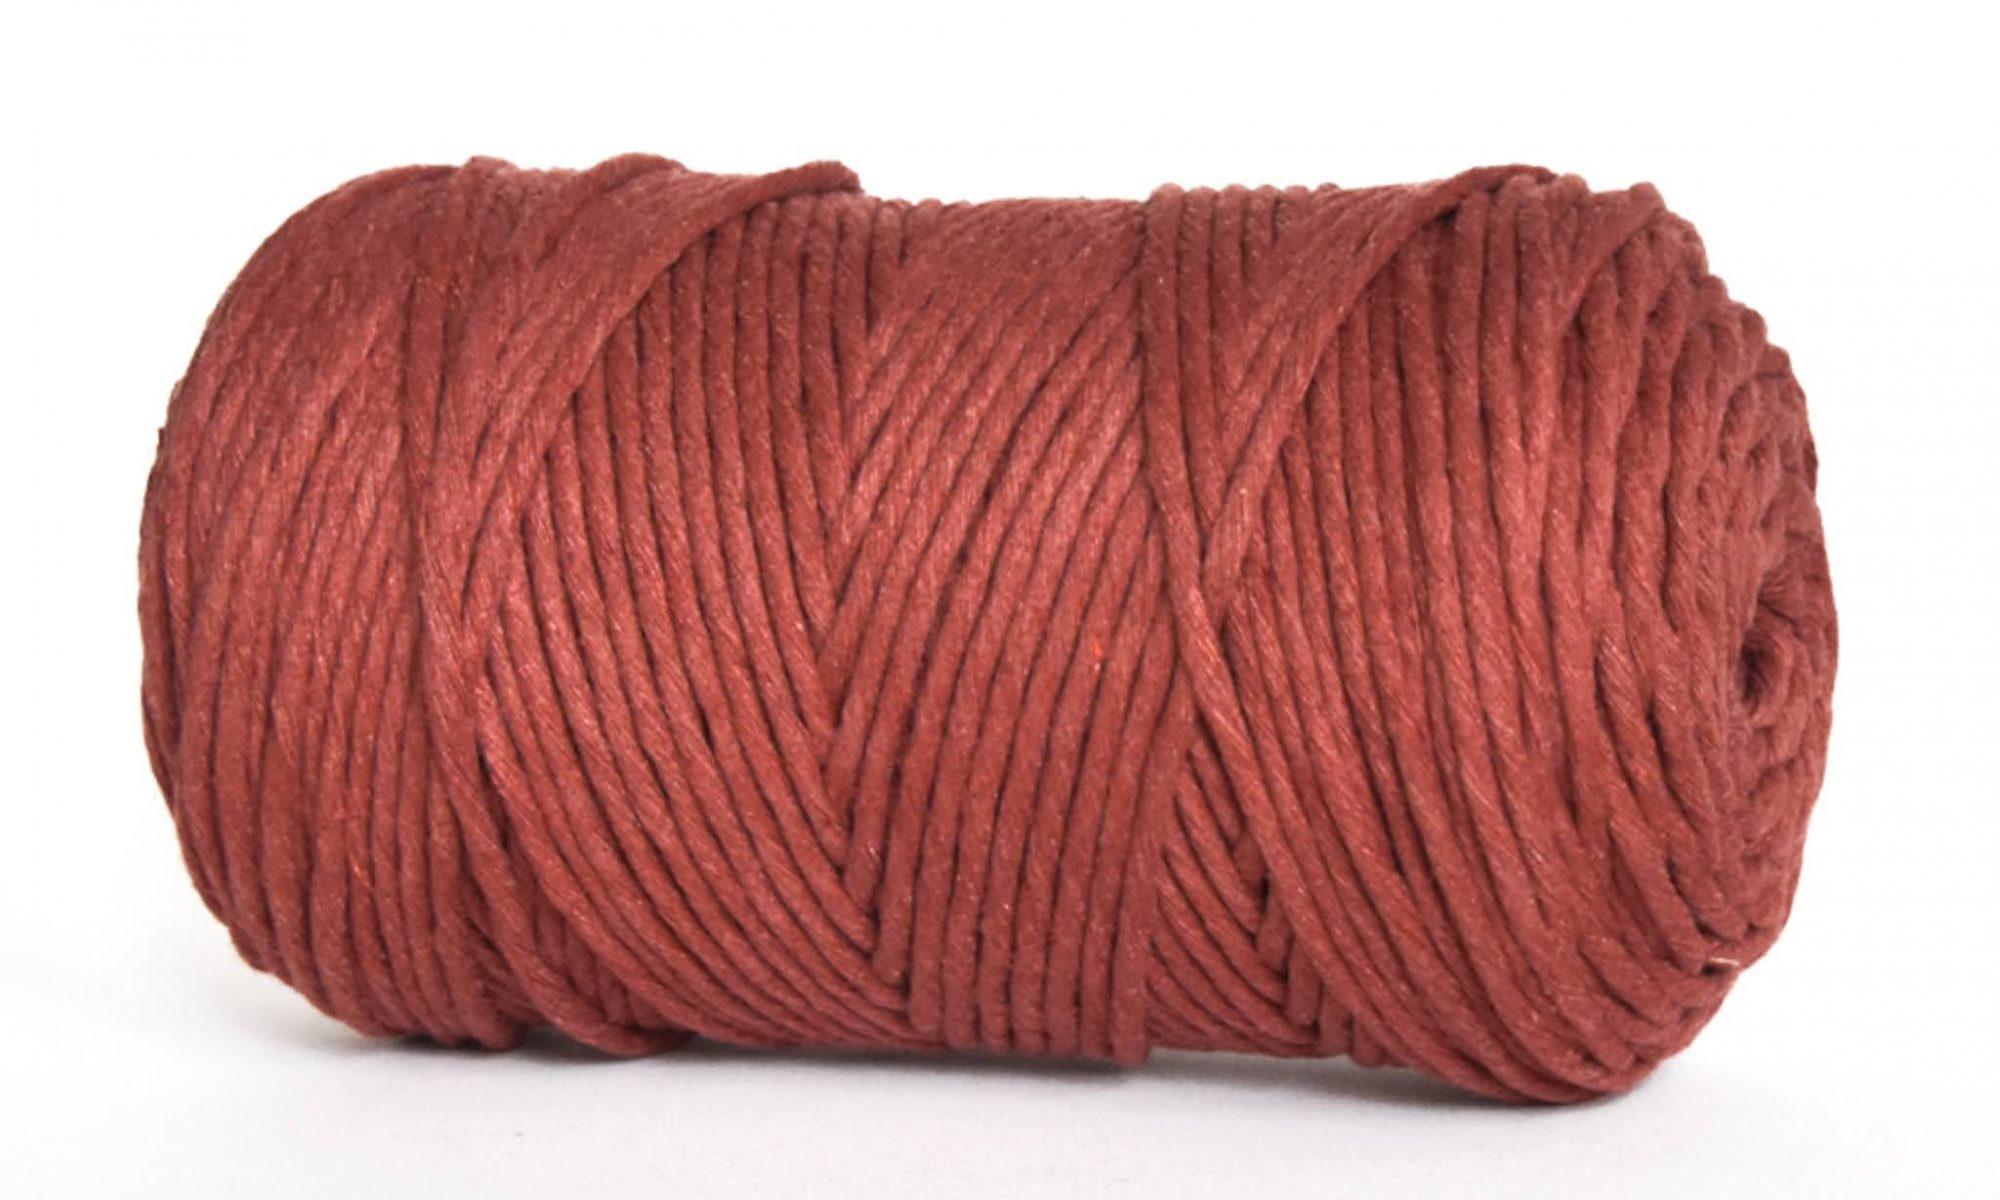 Creadoodle luxe collectie katoen koord touw oekotex100 voor macrame, weven, haken, breien, needle punch en meer in 3 mm red earth